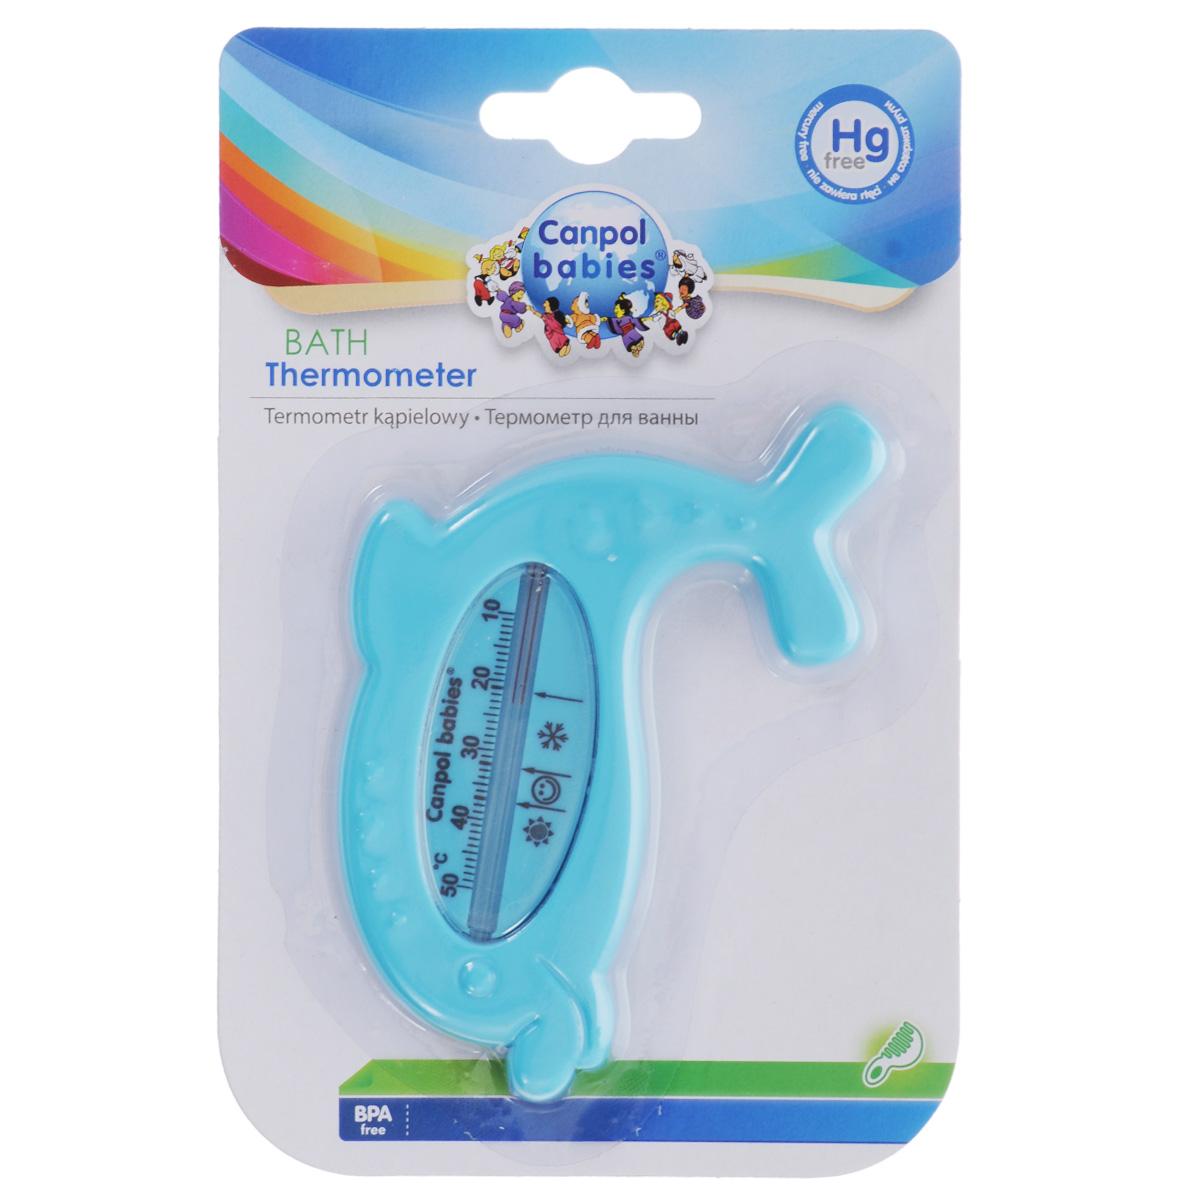 Canpol Babies Термометр для ванны цвет голубой термометр для ванны canpol дельфин арт 2 782 цвет синий